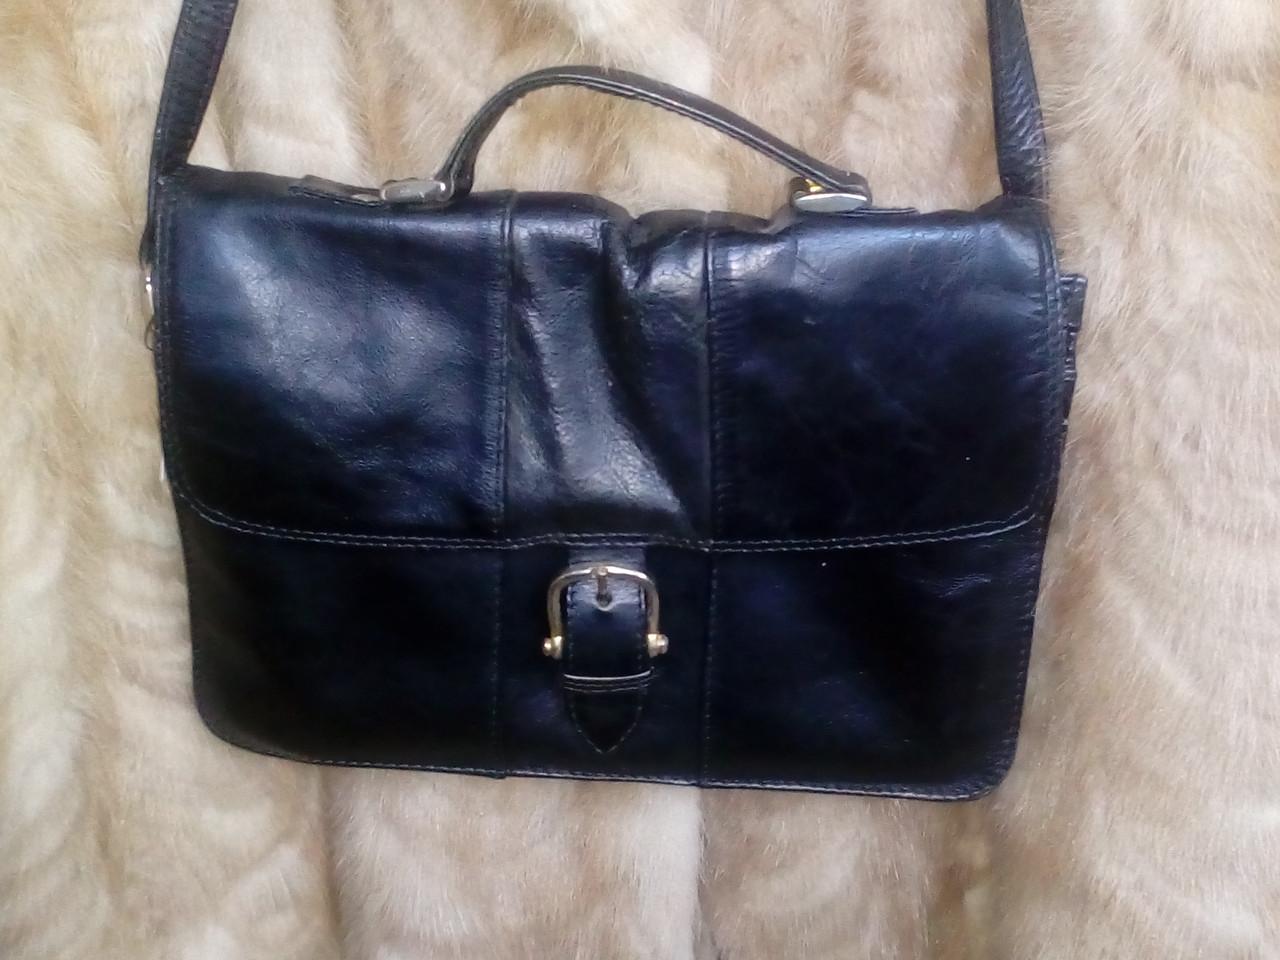 Сумка из натуральной кожи, кожаная сумка, сумка-портфель из кожи